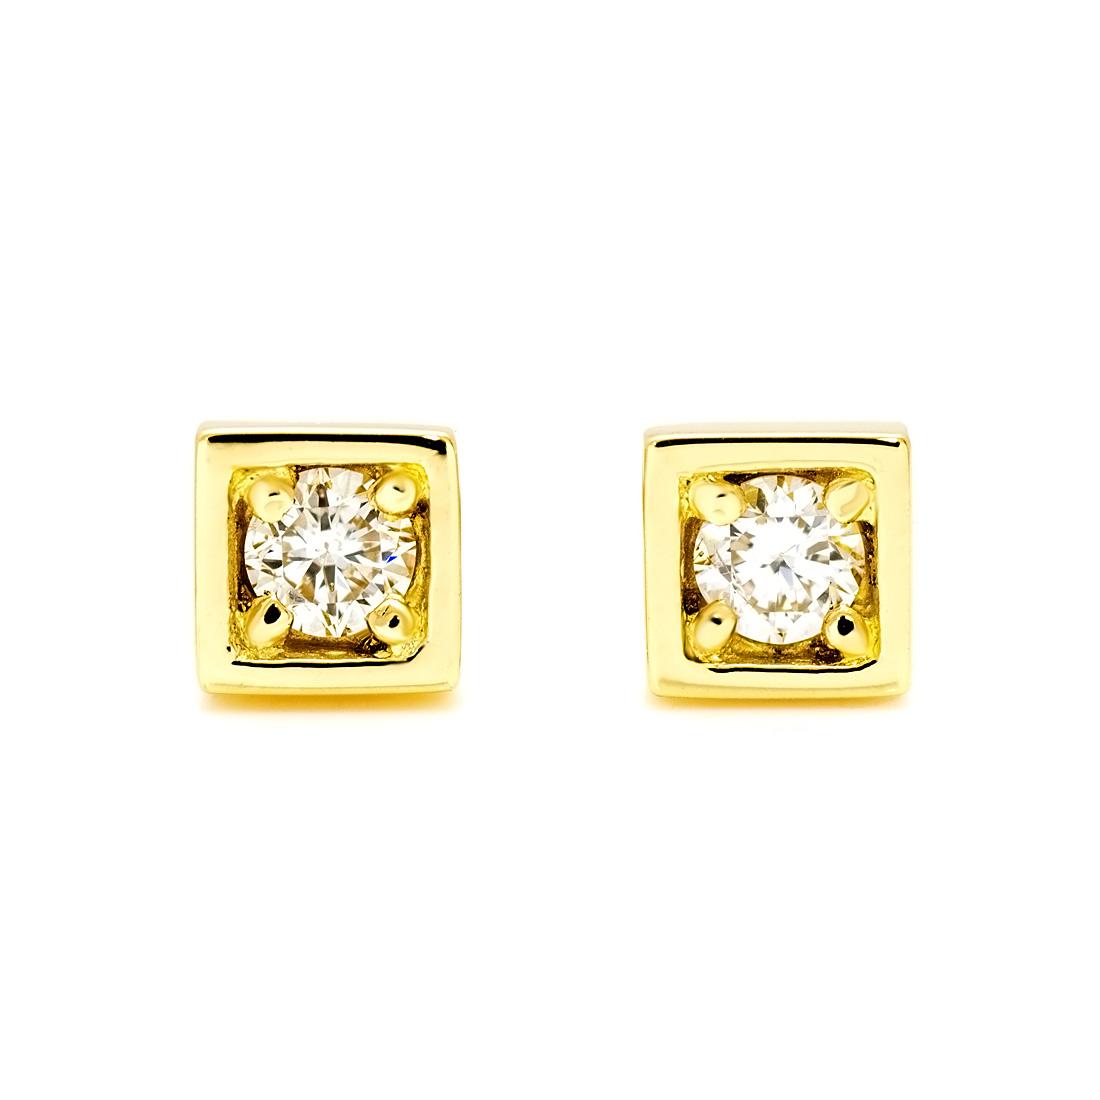 【GWクーポン配布中】スタッドピアス ダイヤモンド 「certo」 ゴールド K18 送料無料